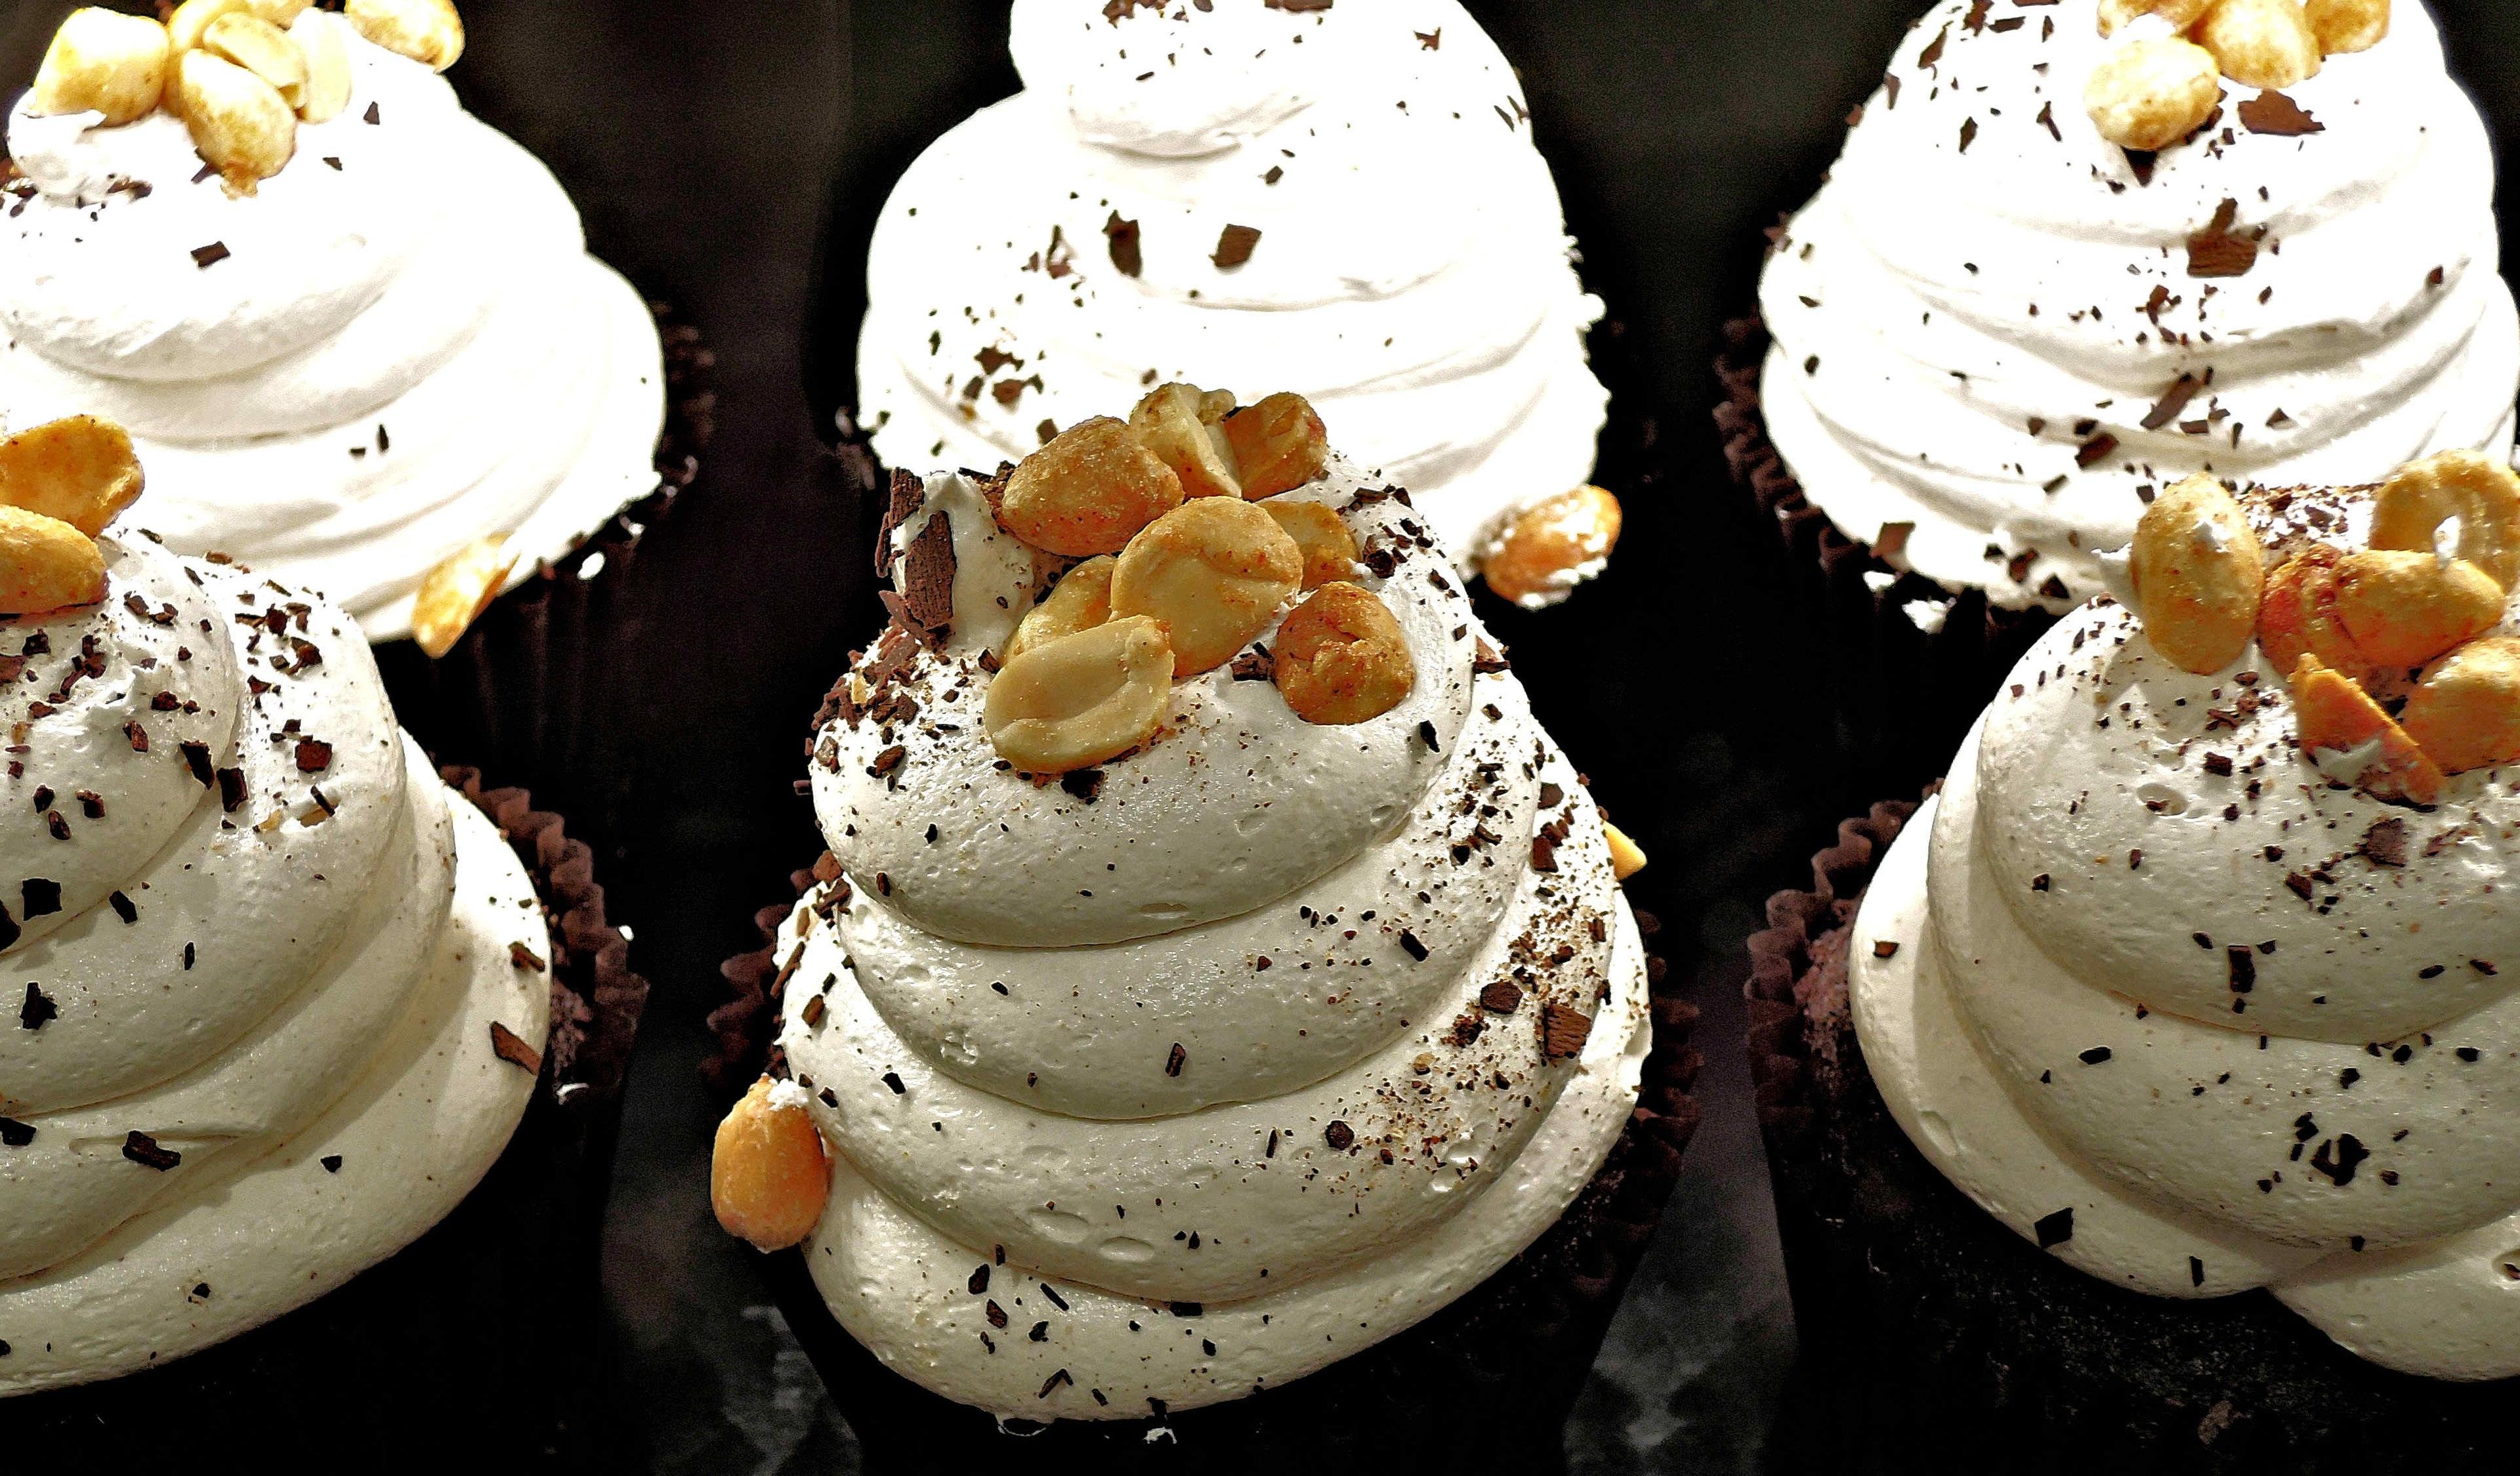 Images gratuites aliments chocolat petit g teau dessert cr me fouett e gla age - Creme decoration cupcake ...